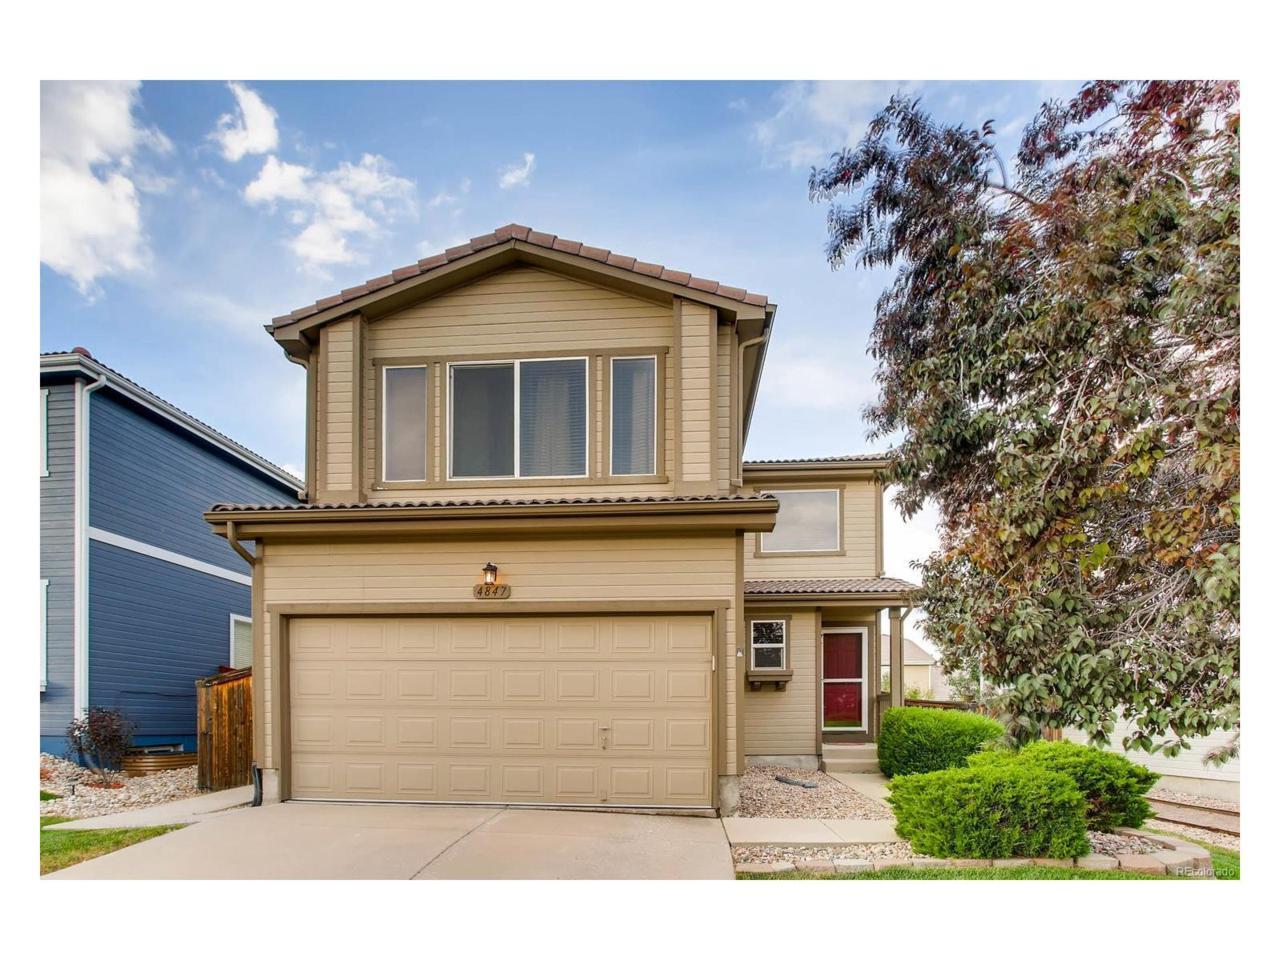 4847 Waldenwood Drive, Highlands Ranch, CO 80130 (MLS #9412252) :: 8z Real Estate